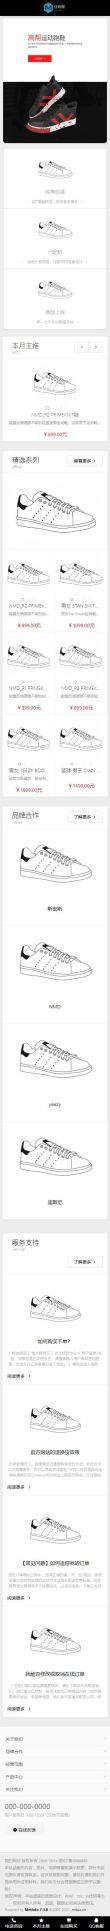 鞋子商城网站模板,鞋子商城网页模板,鞋子商城响应式网站模板